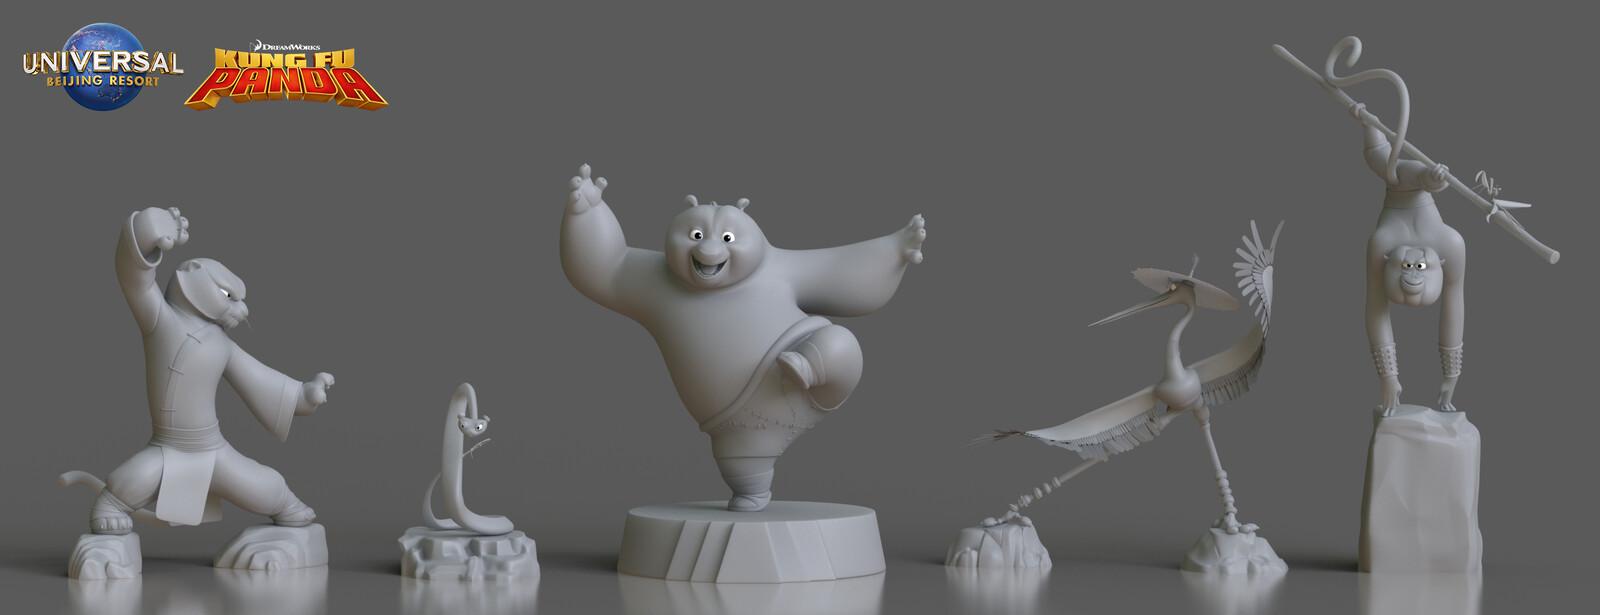 Kung Fu Panda: Land of Awesomeness